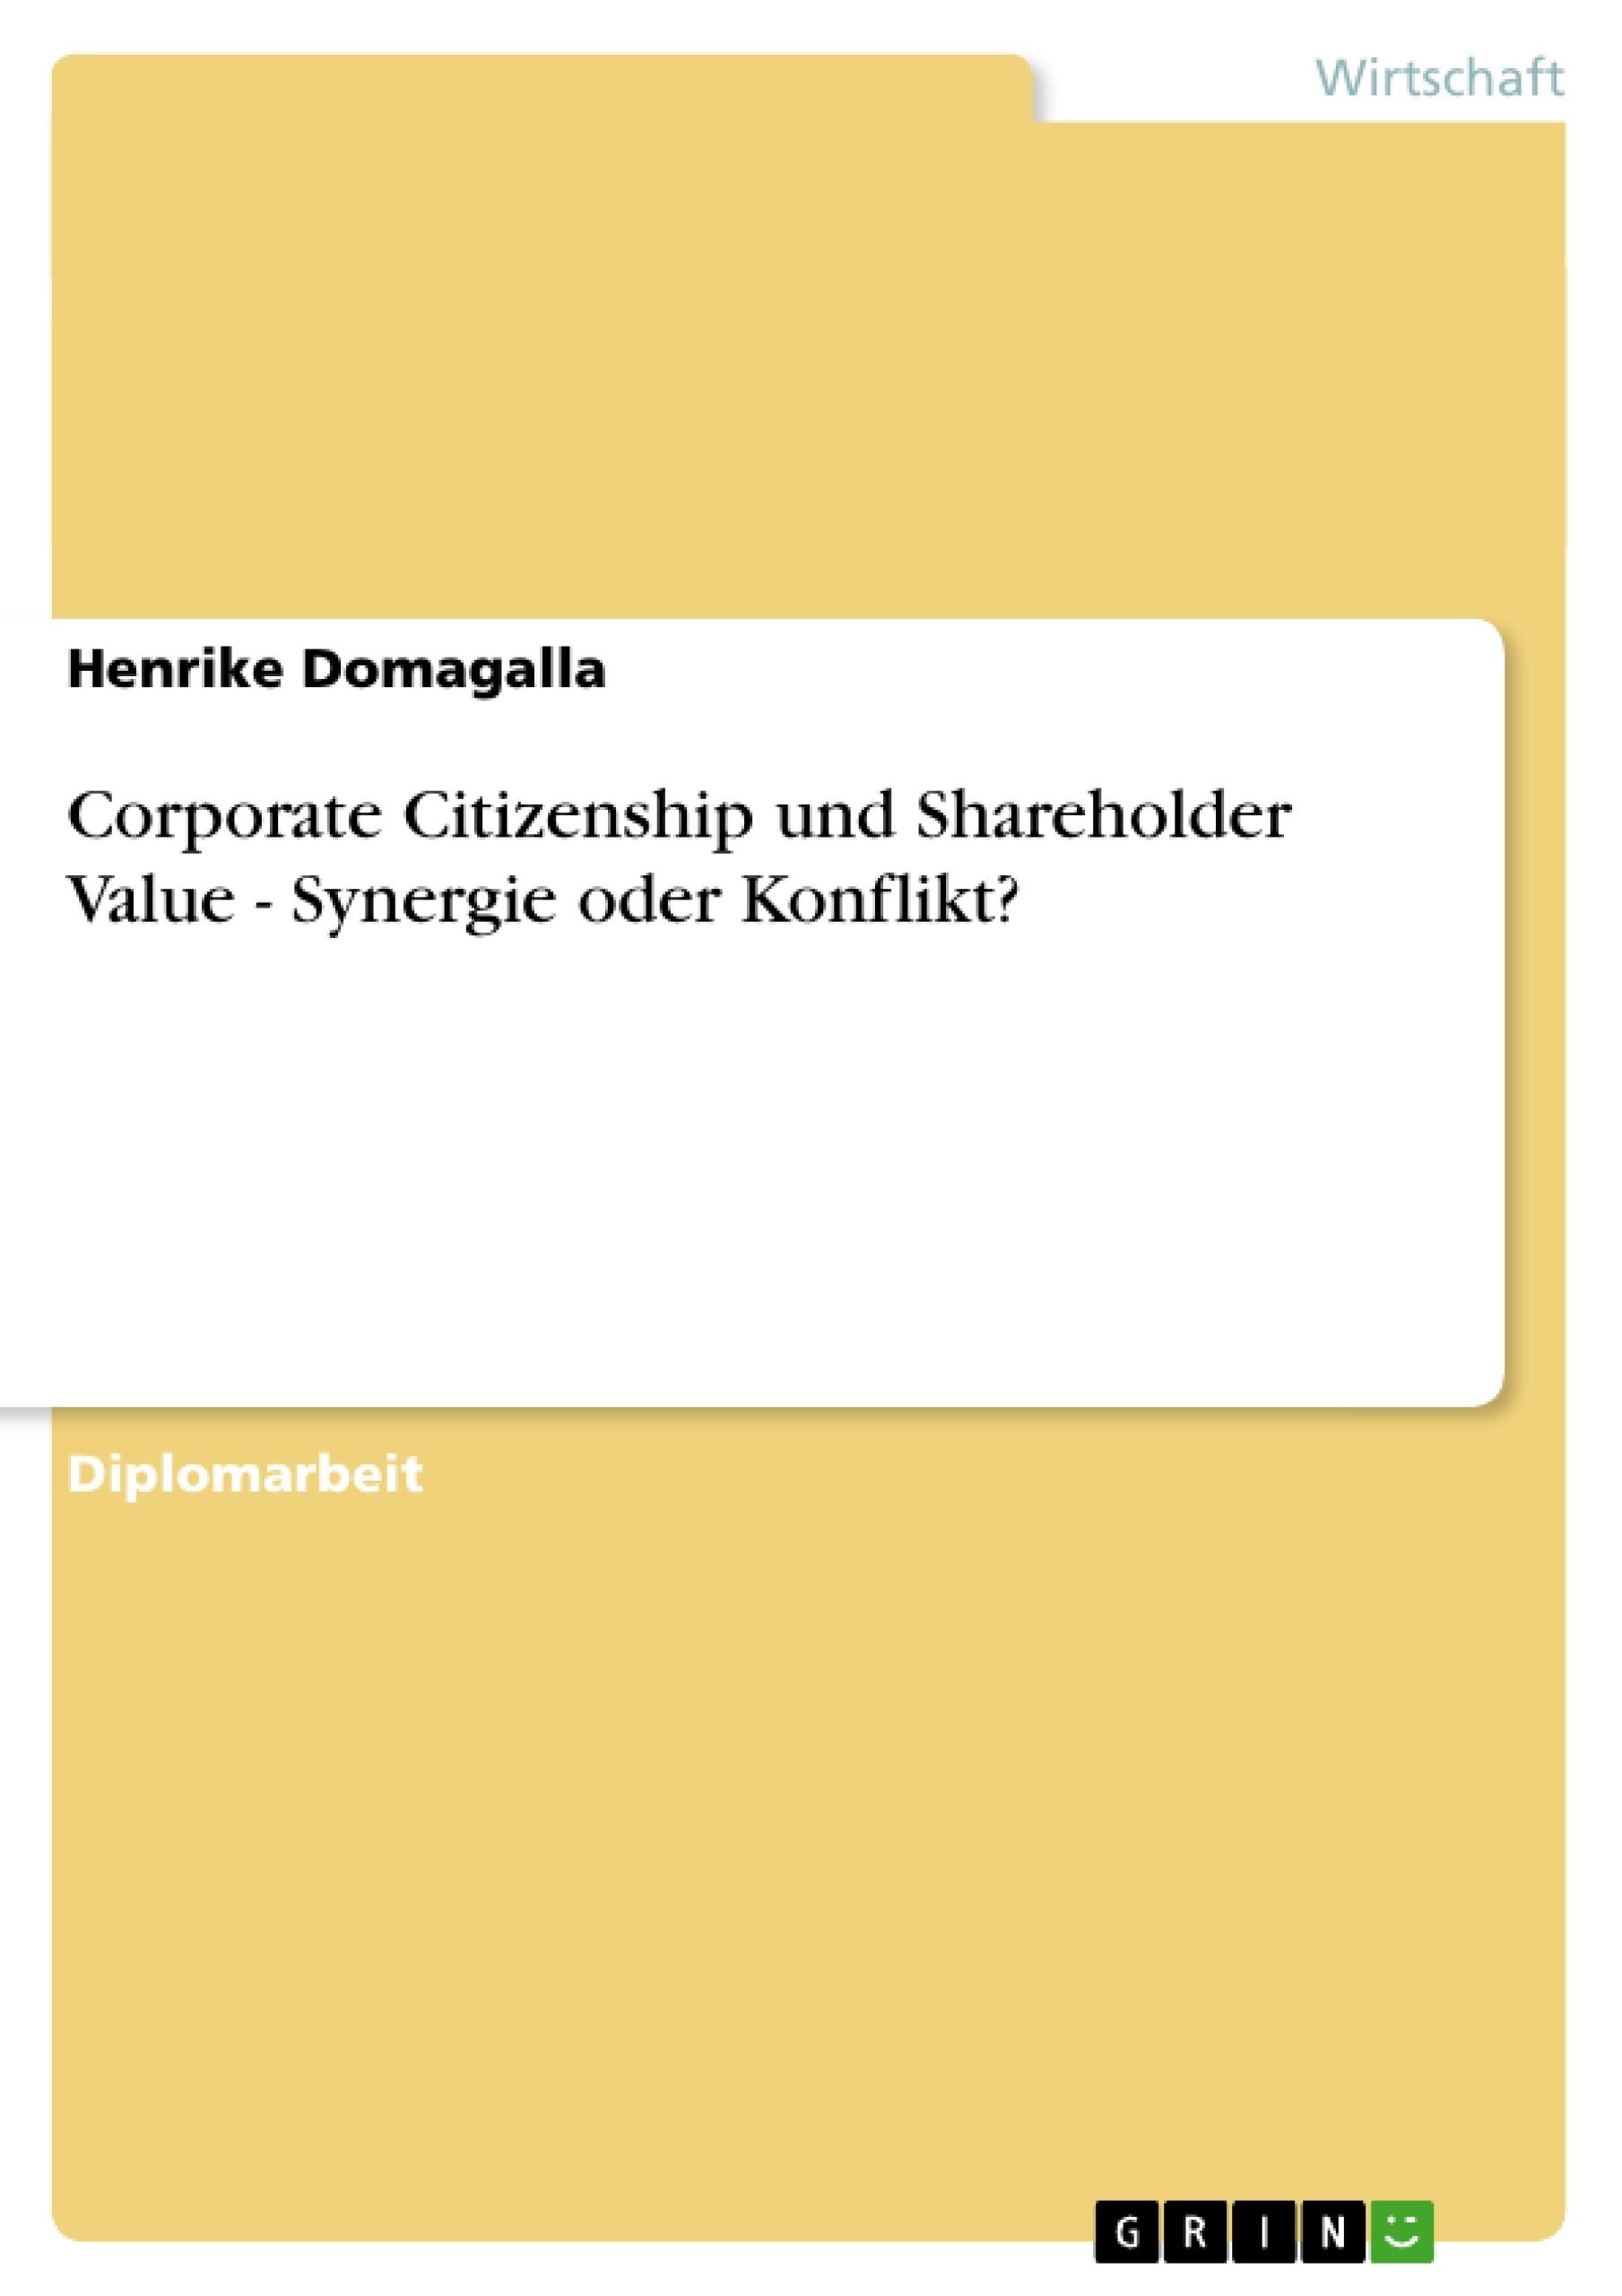 Titel: Corporate Citizenship und Shareholder Value - Synergie oder Konflikt?